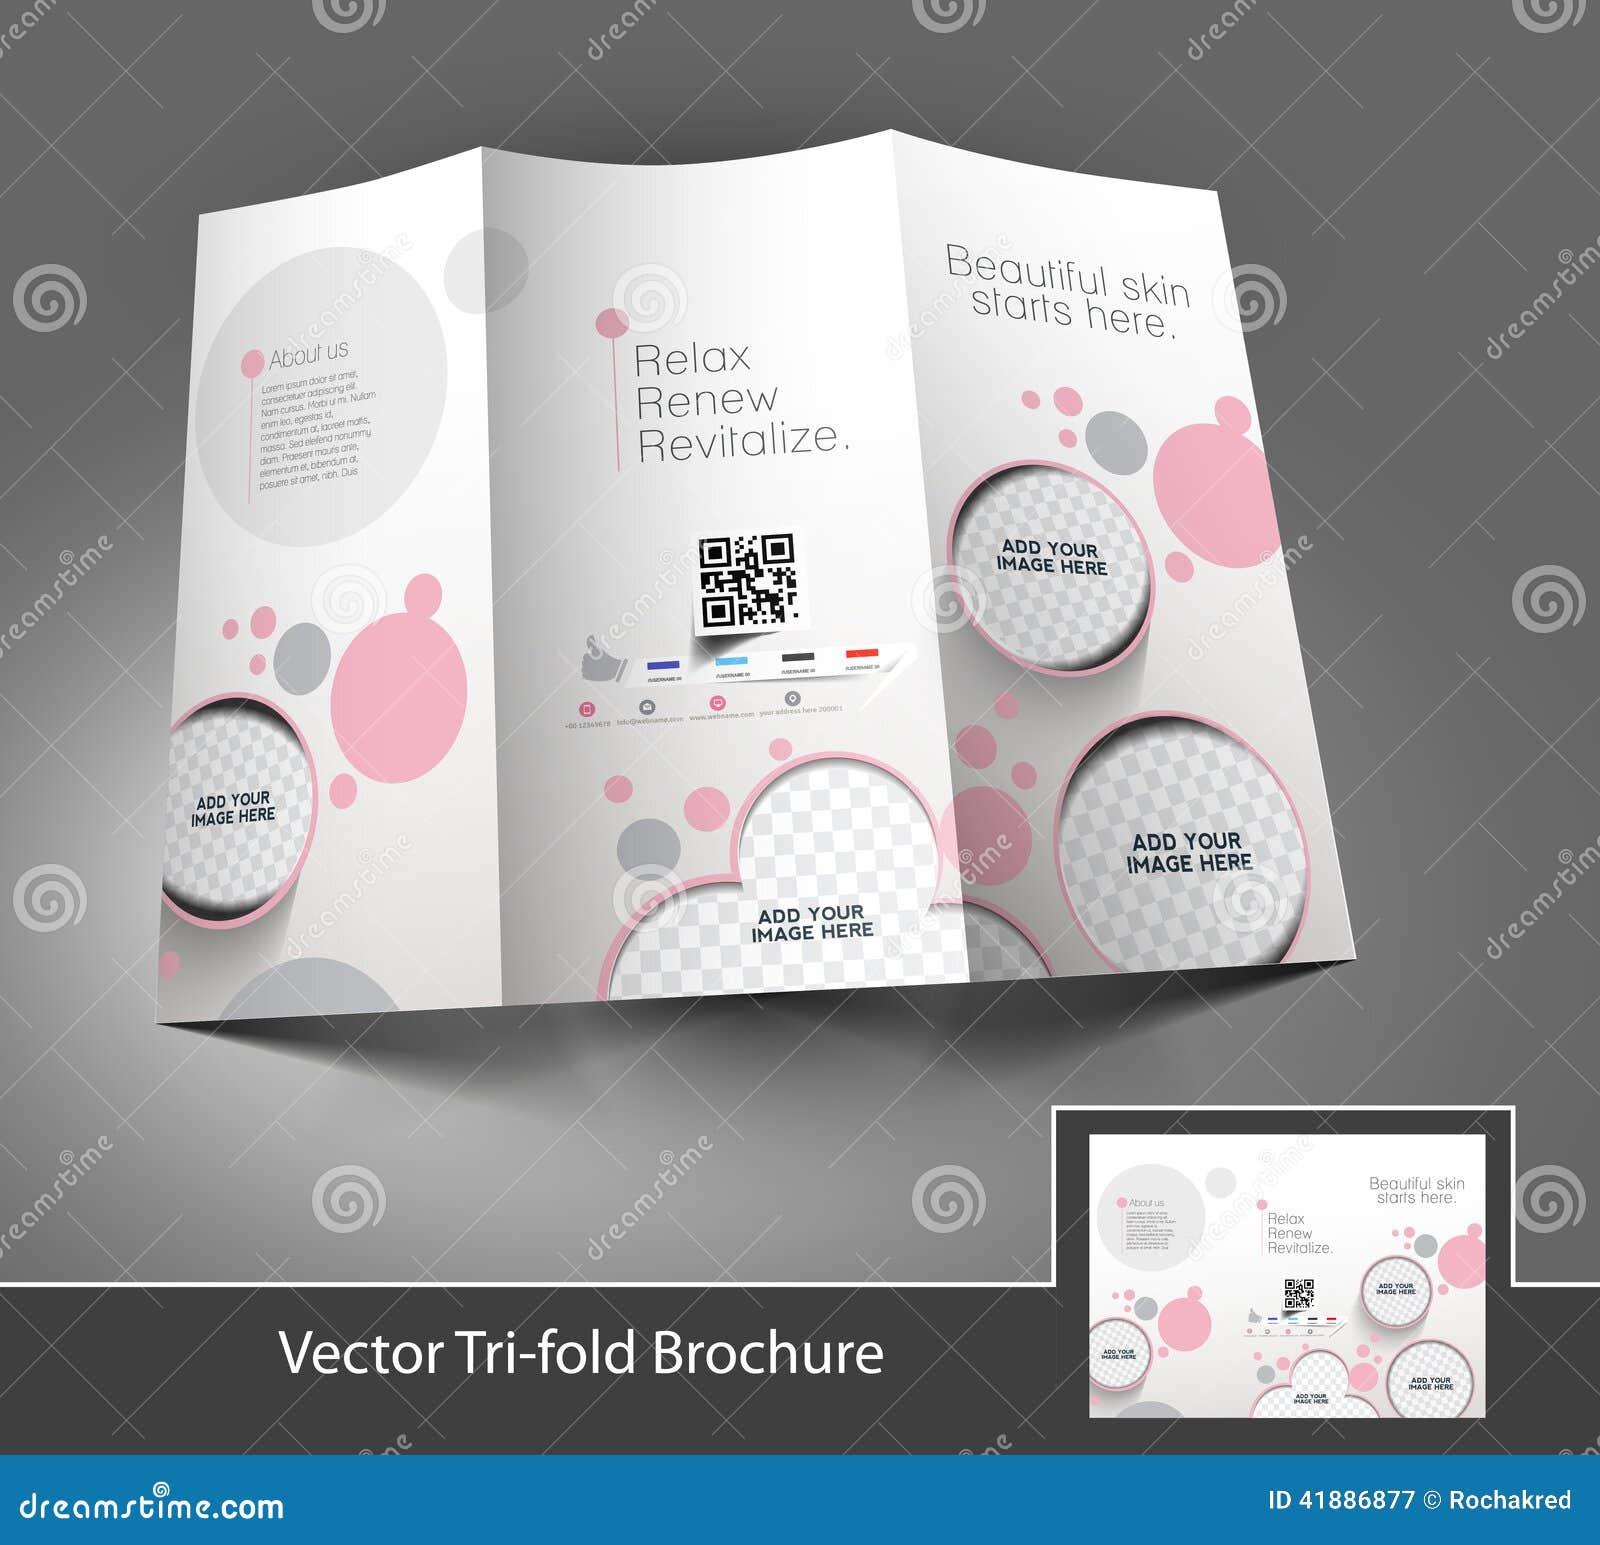 beauty care salon tri fold mock up brochure design